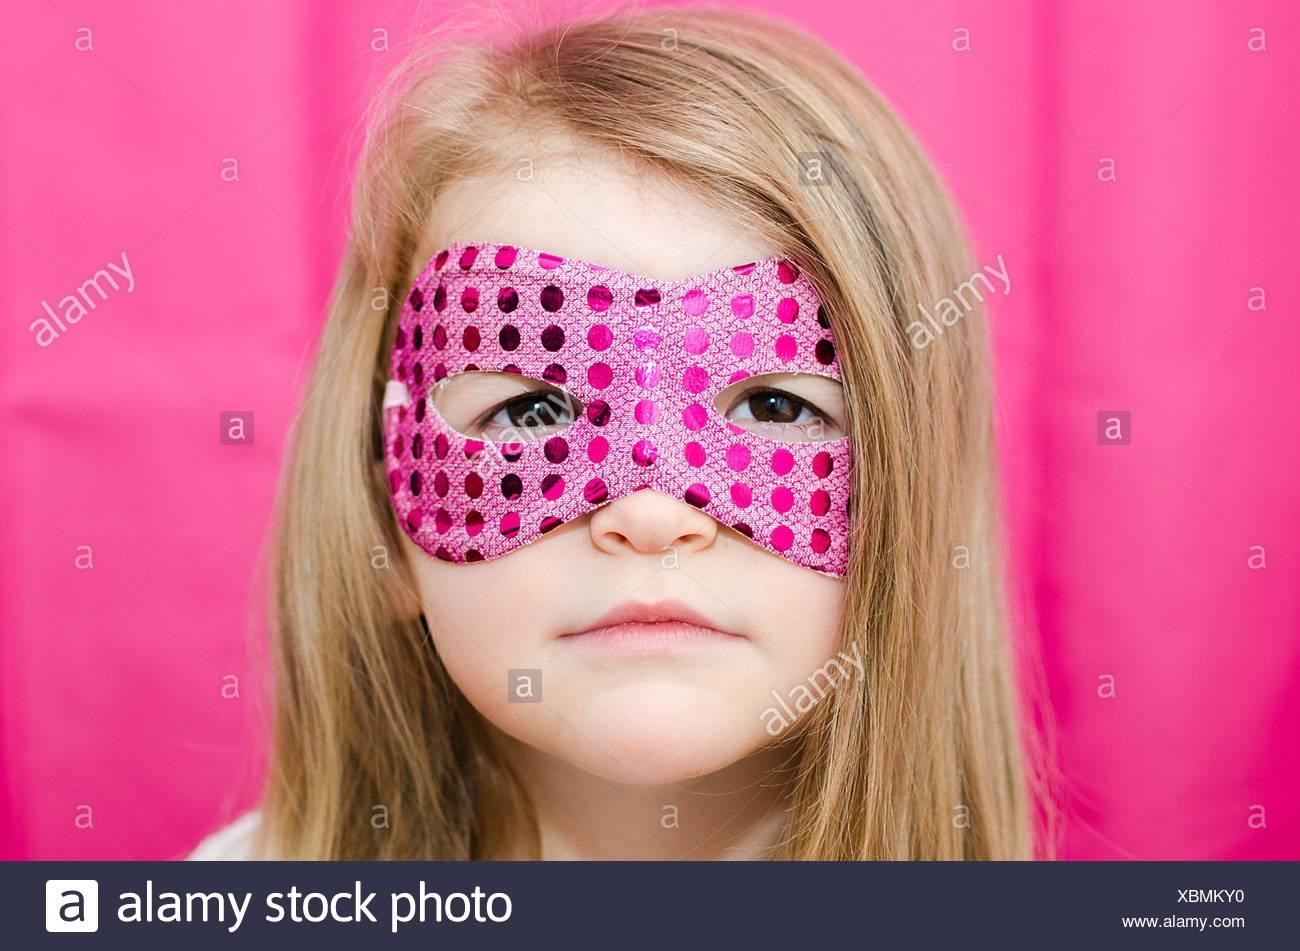 Ritratto di una ragazza che indossa una maschera di supereroi Immagini Stock